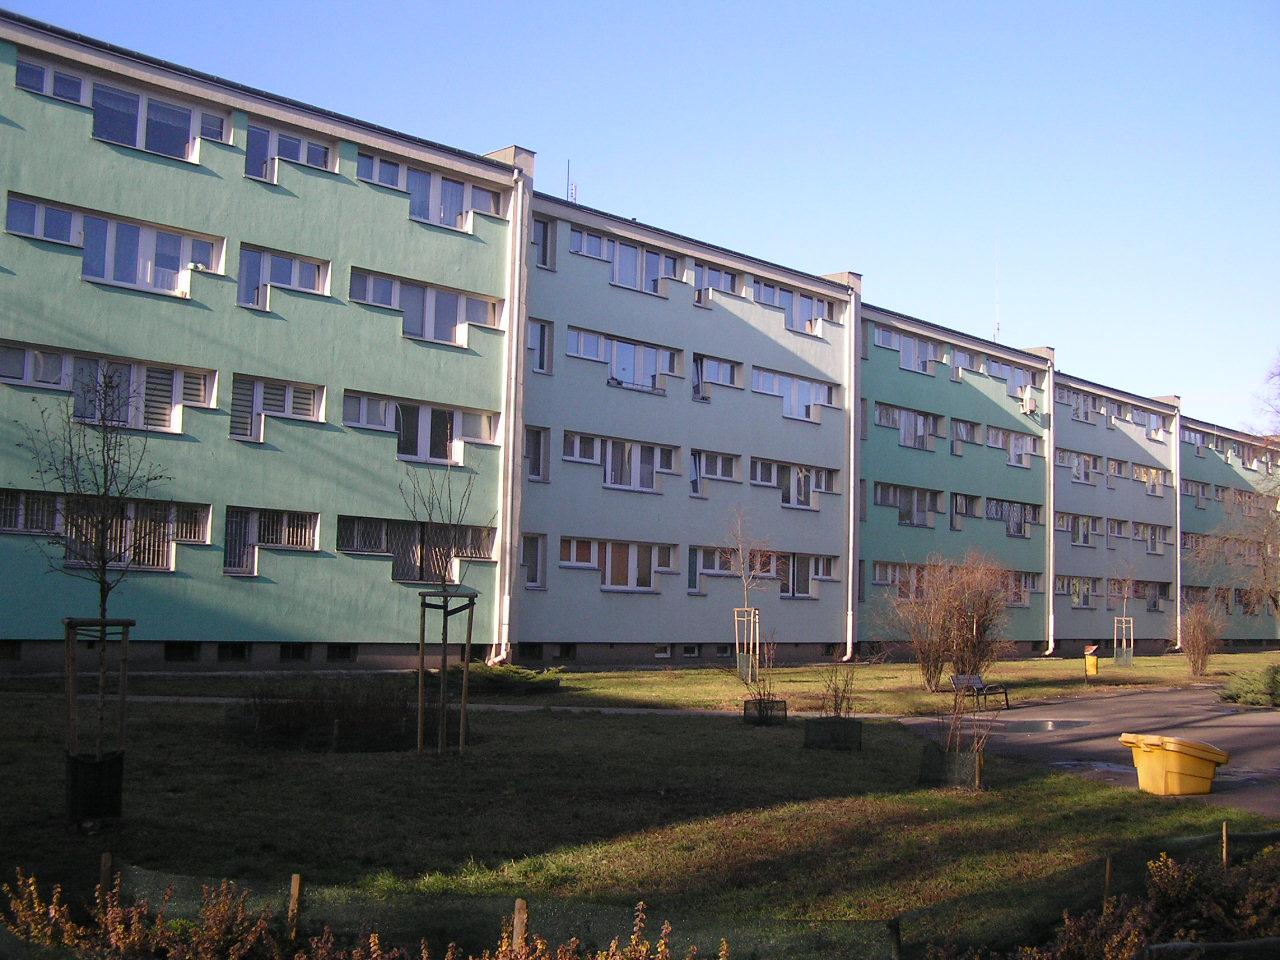 Budynek przy ulicy Osowskiej 89 na Grochowie